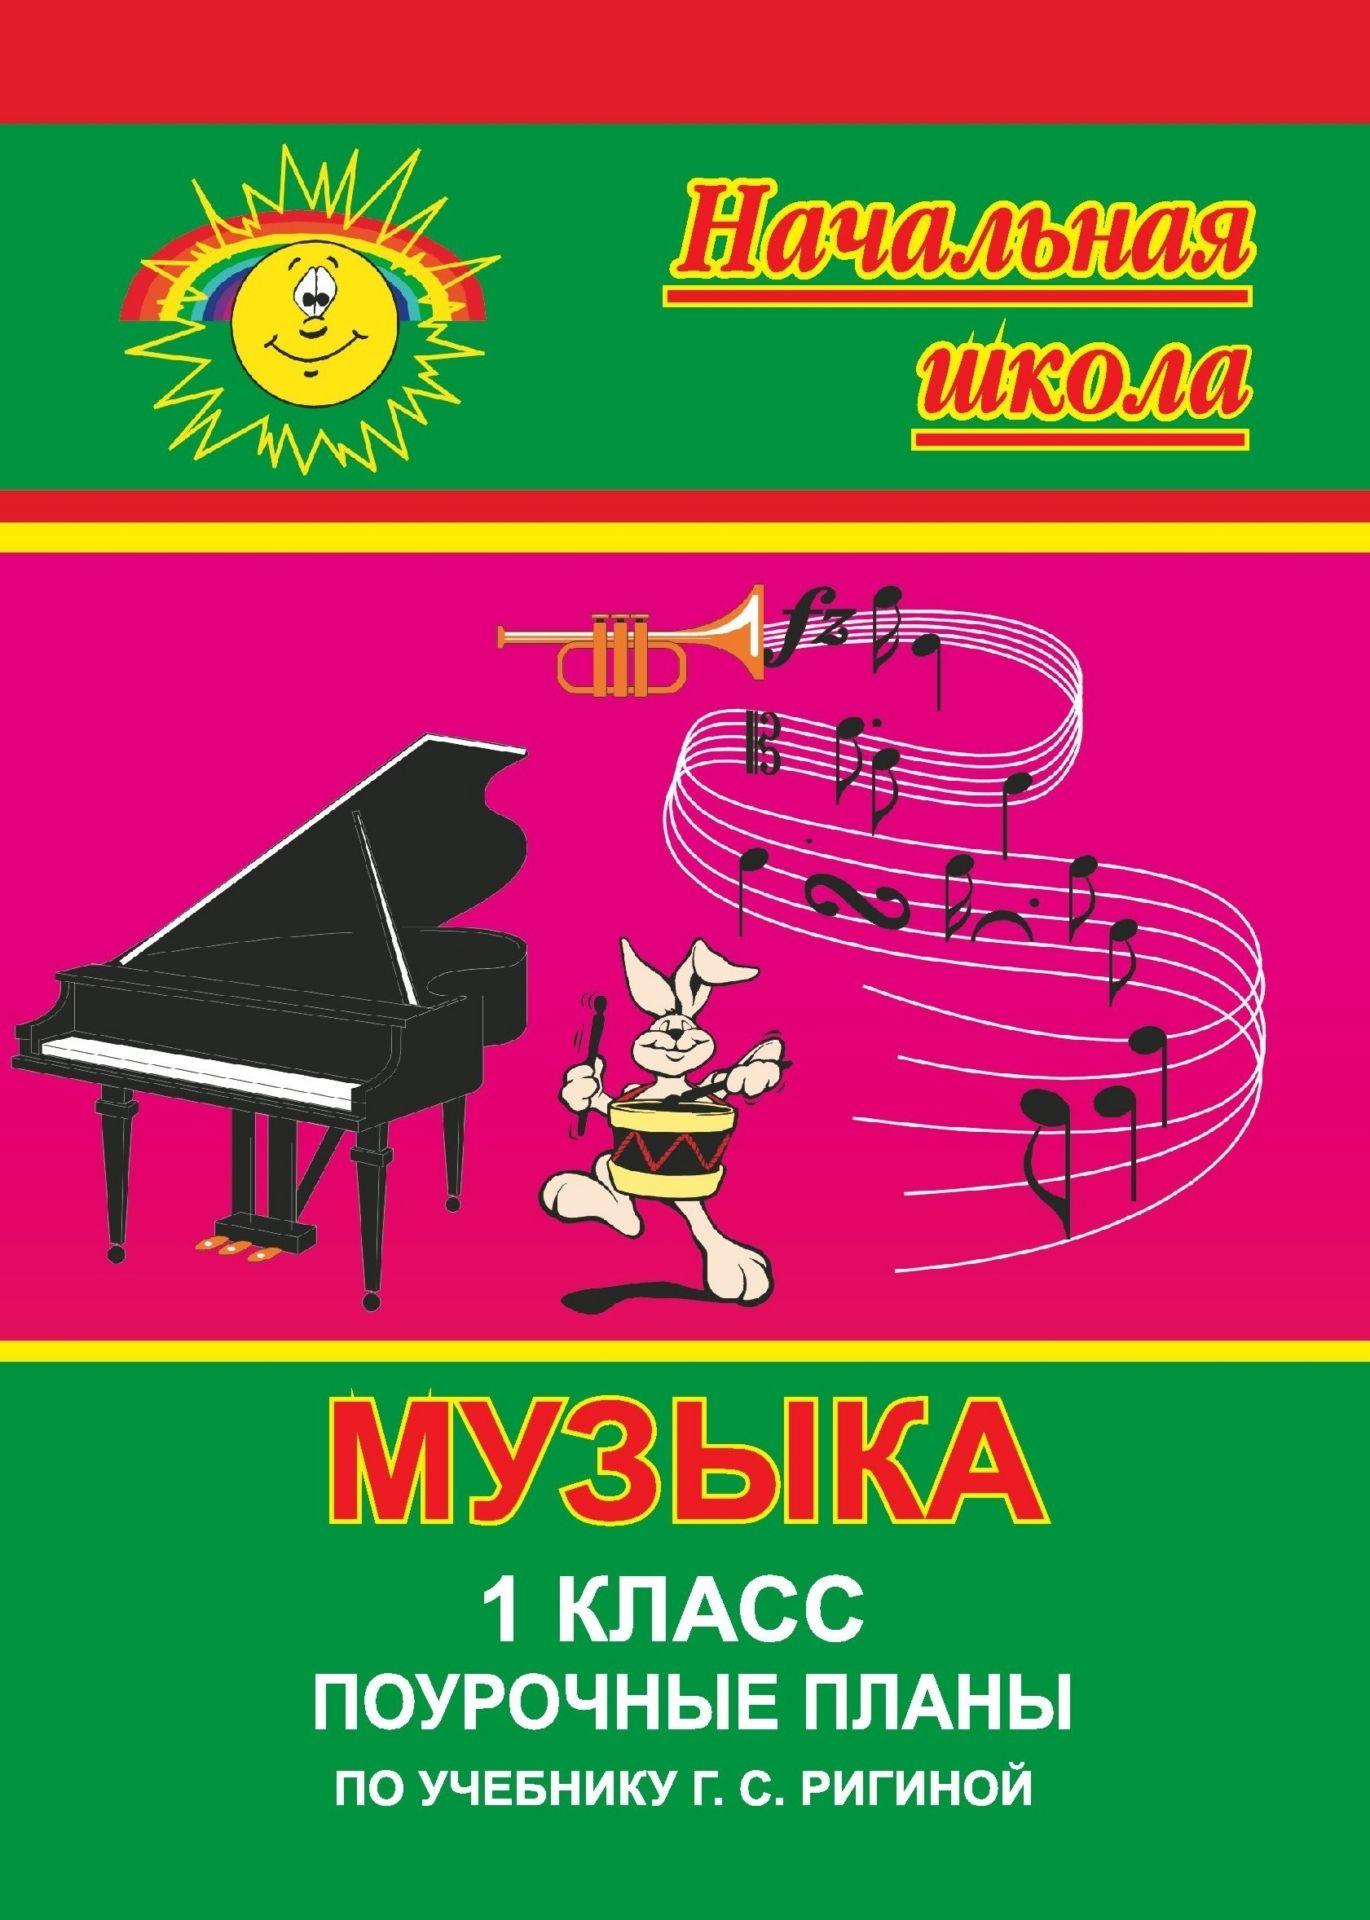 Музыка. 1 класс: поурочные планы по уч. Г. С. РигинойПредметы<br>В пособии представлены поурочные планы по музыке, составленные по программе Г. С. Ригиной Уроки музыки в начальных классах, в соответствии с системой Л. В. Занкова по учебнику: Ригина Г. С. Музыка. 1 класс. М.: Корпорация Федоров, 2003.В разработках у...<br><br>Авторы: Тузлаева О. В.<br>Год: 2006<br>Серия: Начальная школа<br>ISBN: 5-7057-0622-7<br>Высота: 195<br>Ширина: 140<br>Толщина: 6